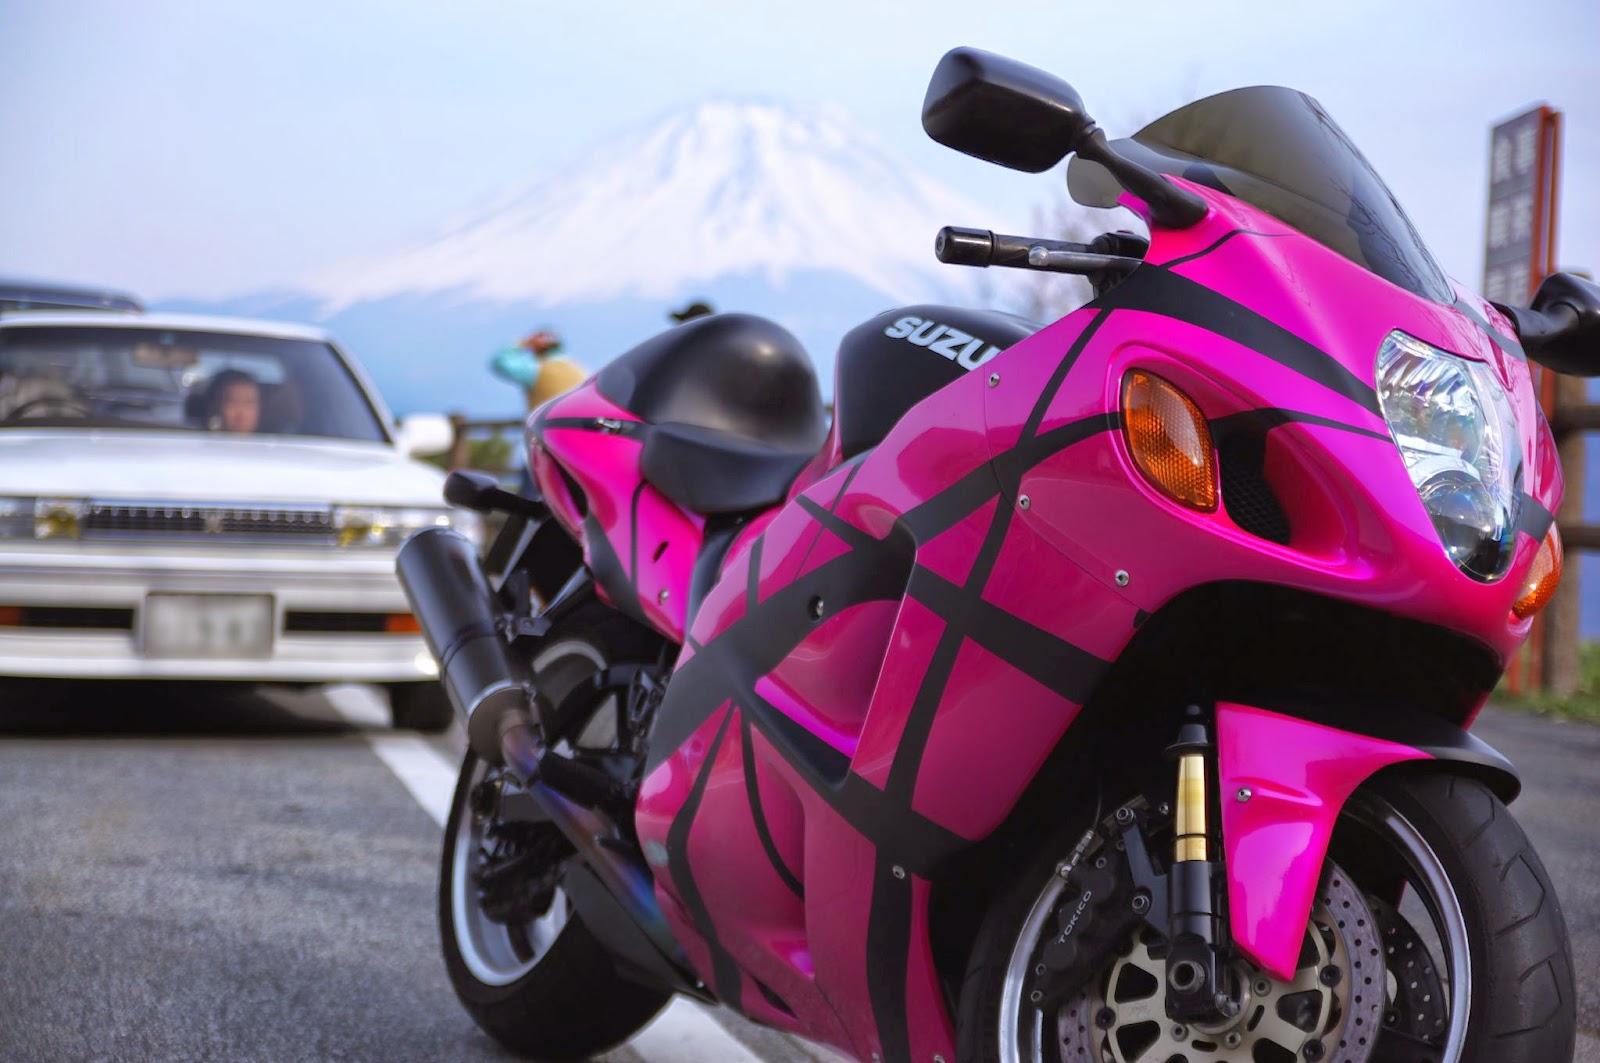 The Suzuki Hayabusa or GSX1300R